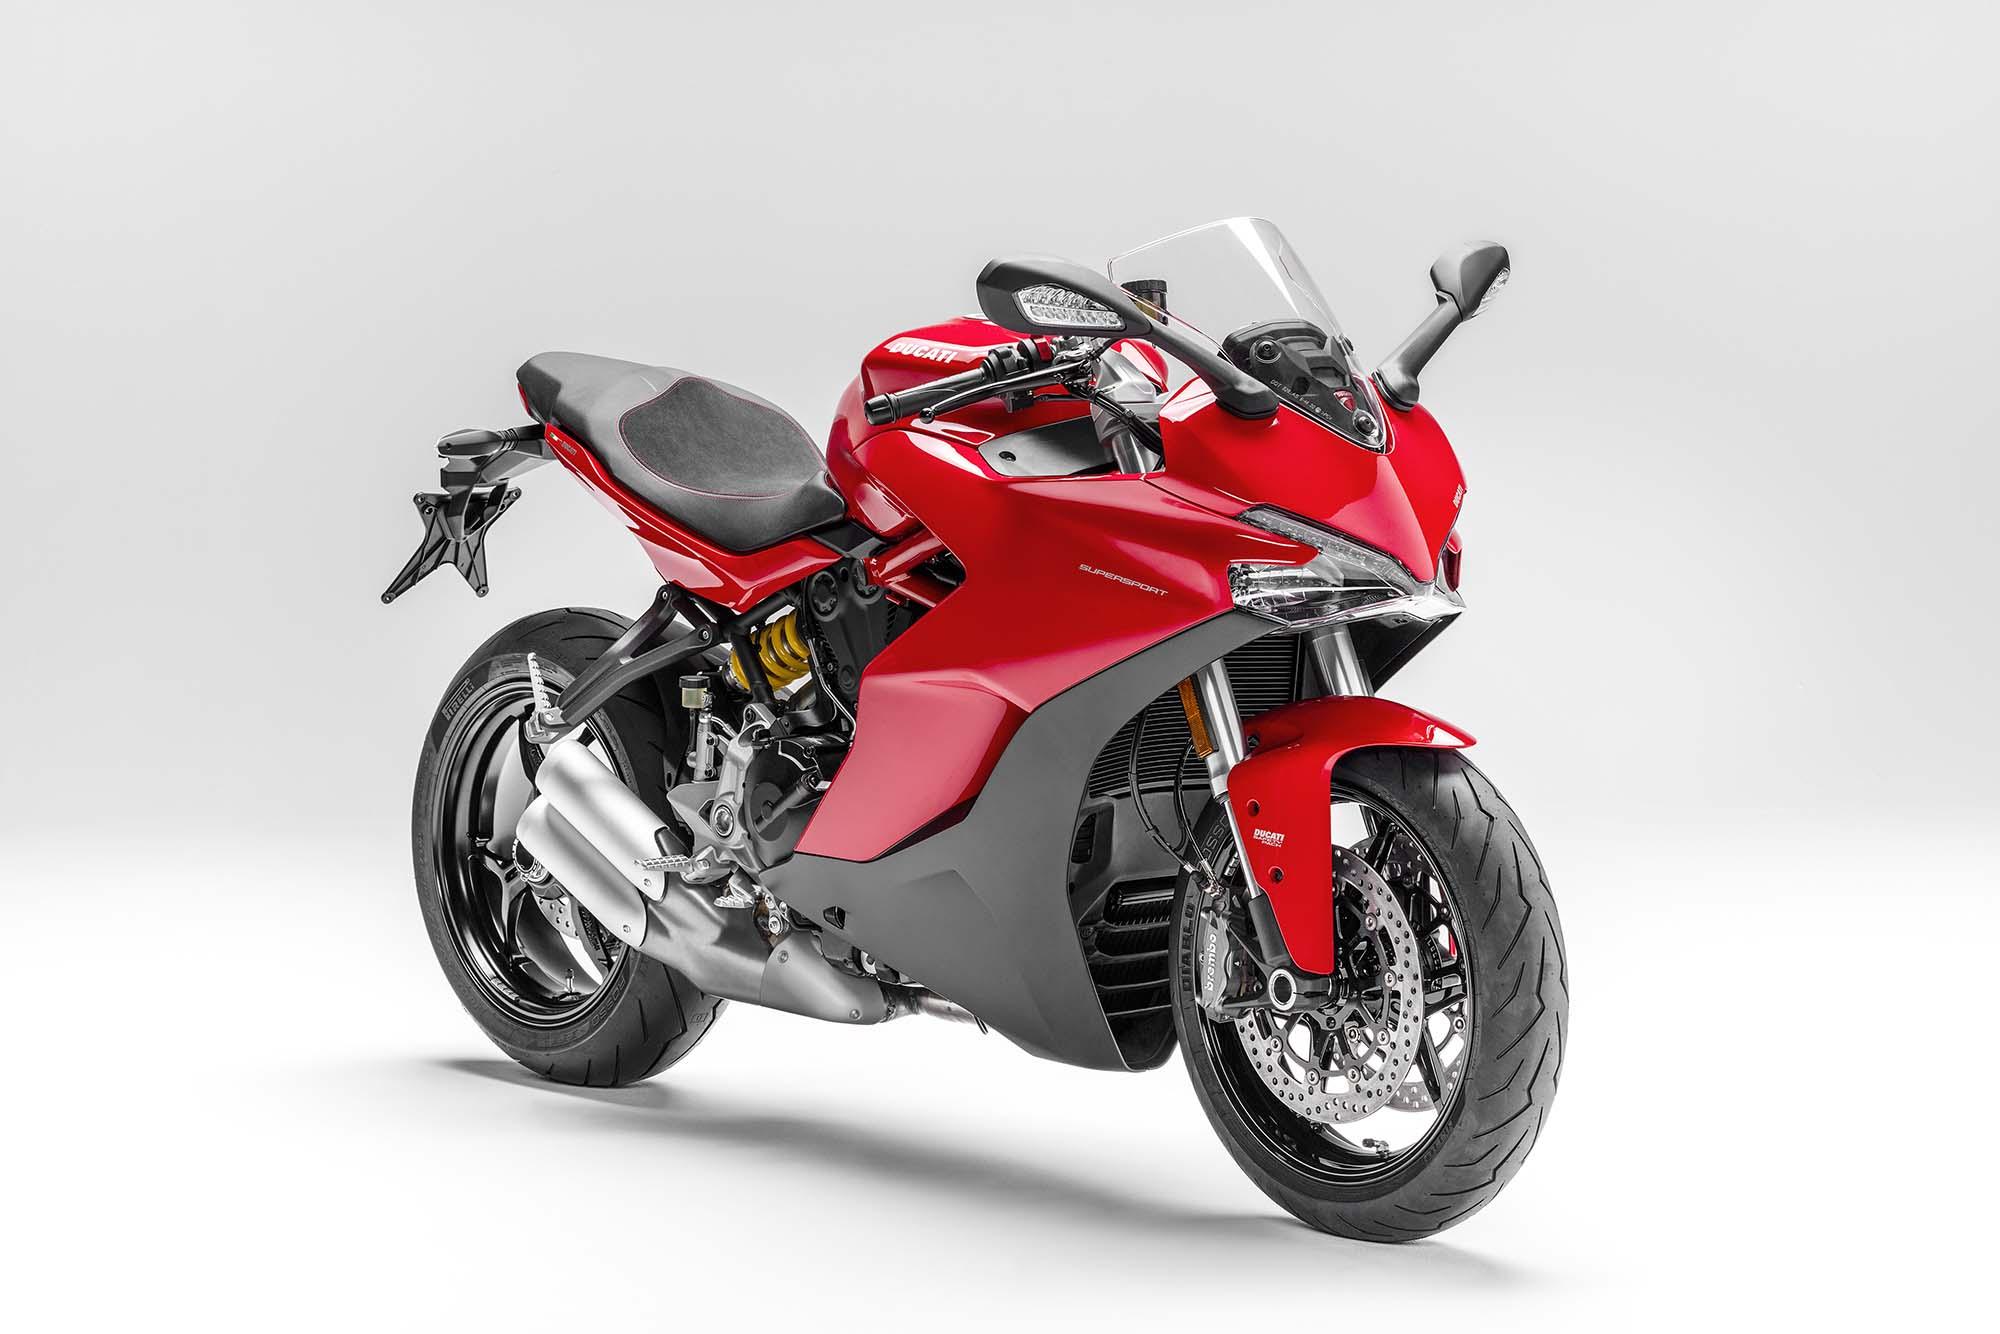 Honda V4 2019 >> 2017 Ducati SuperSport - The Sport Bike Returns - Asphalt & Rubber